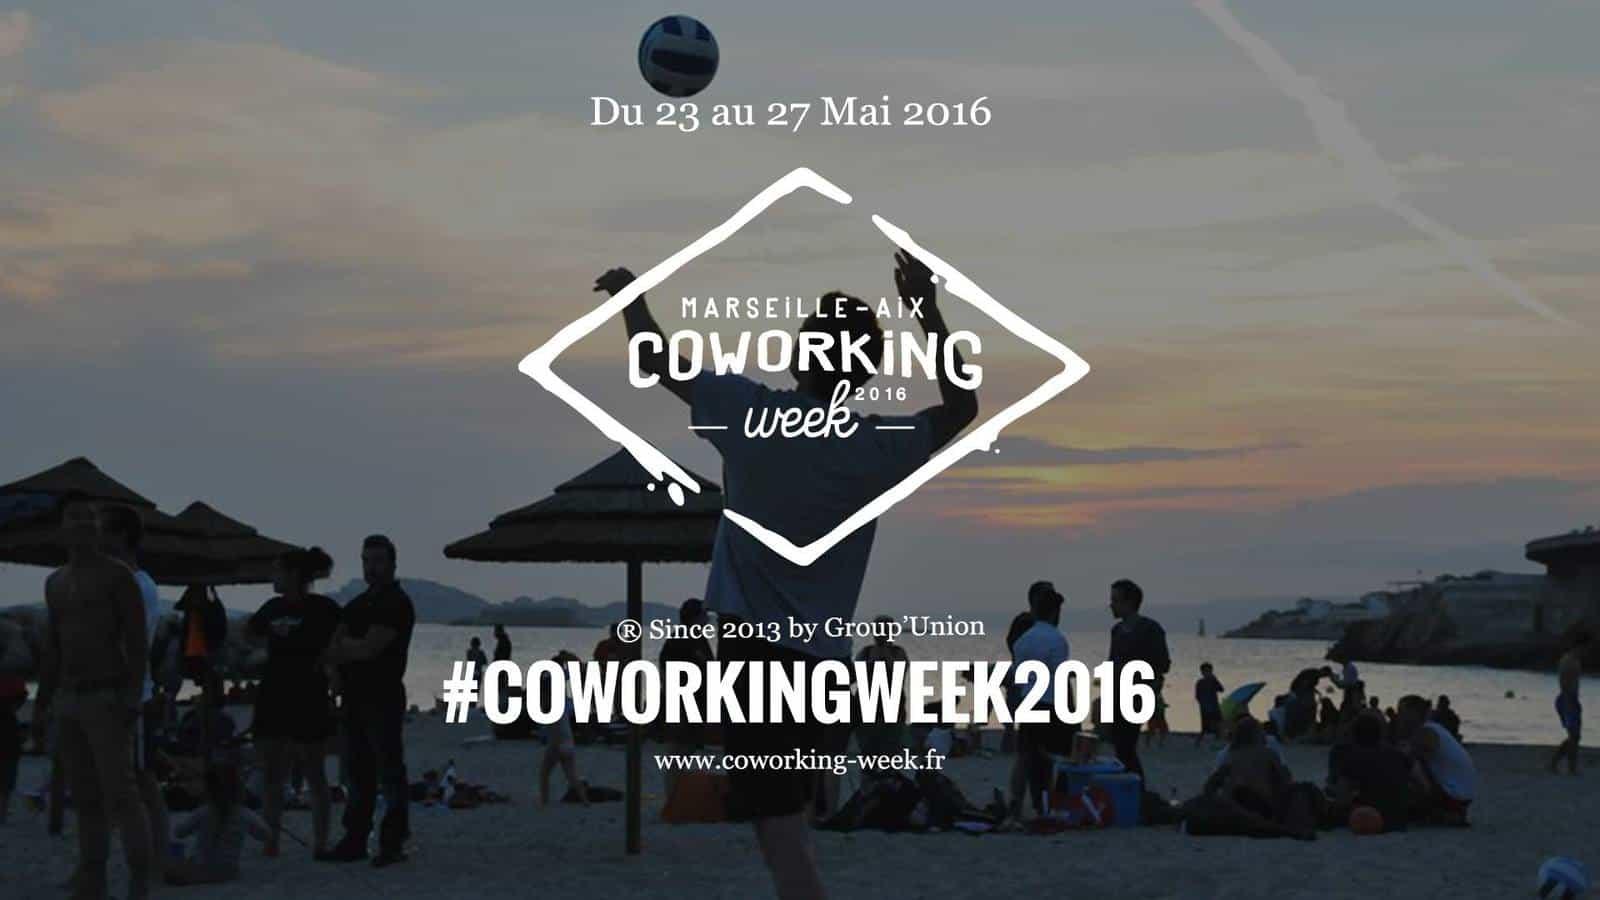 , Les startups de la région vous attendent pour la Coworking Week 2016 !, Made in Marseille, Made in Marseille